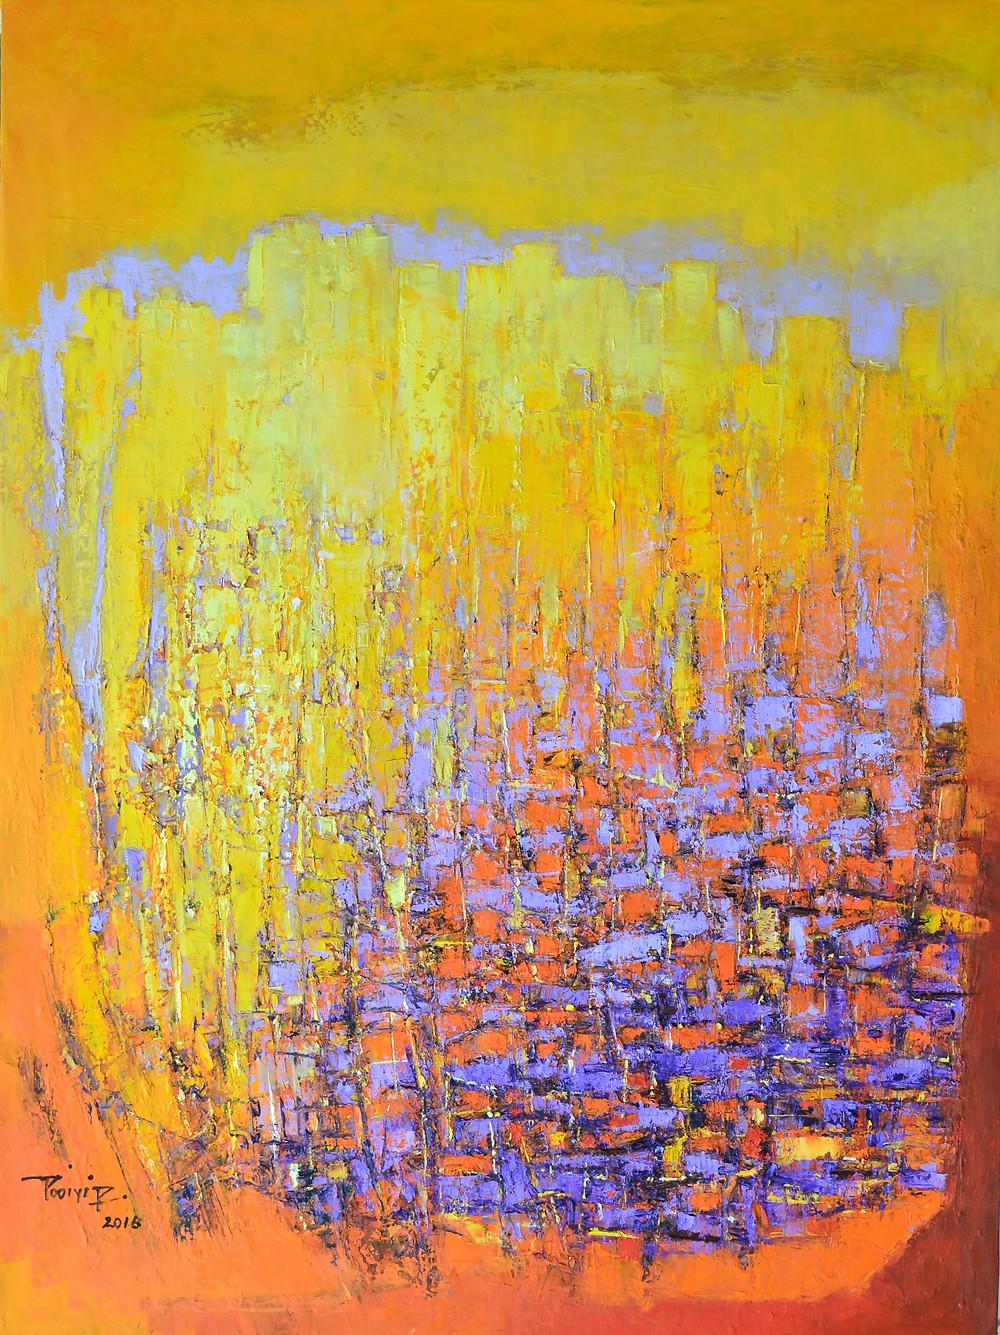 張培業 _Highland Scene - 5_Oil on Canvas_120cm x 91cm_2016